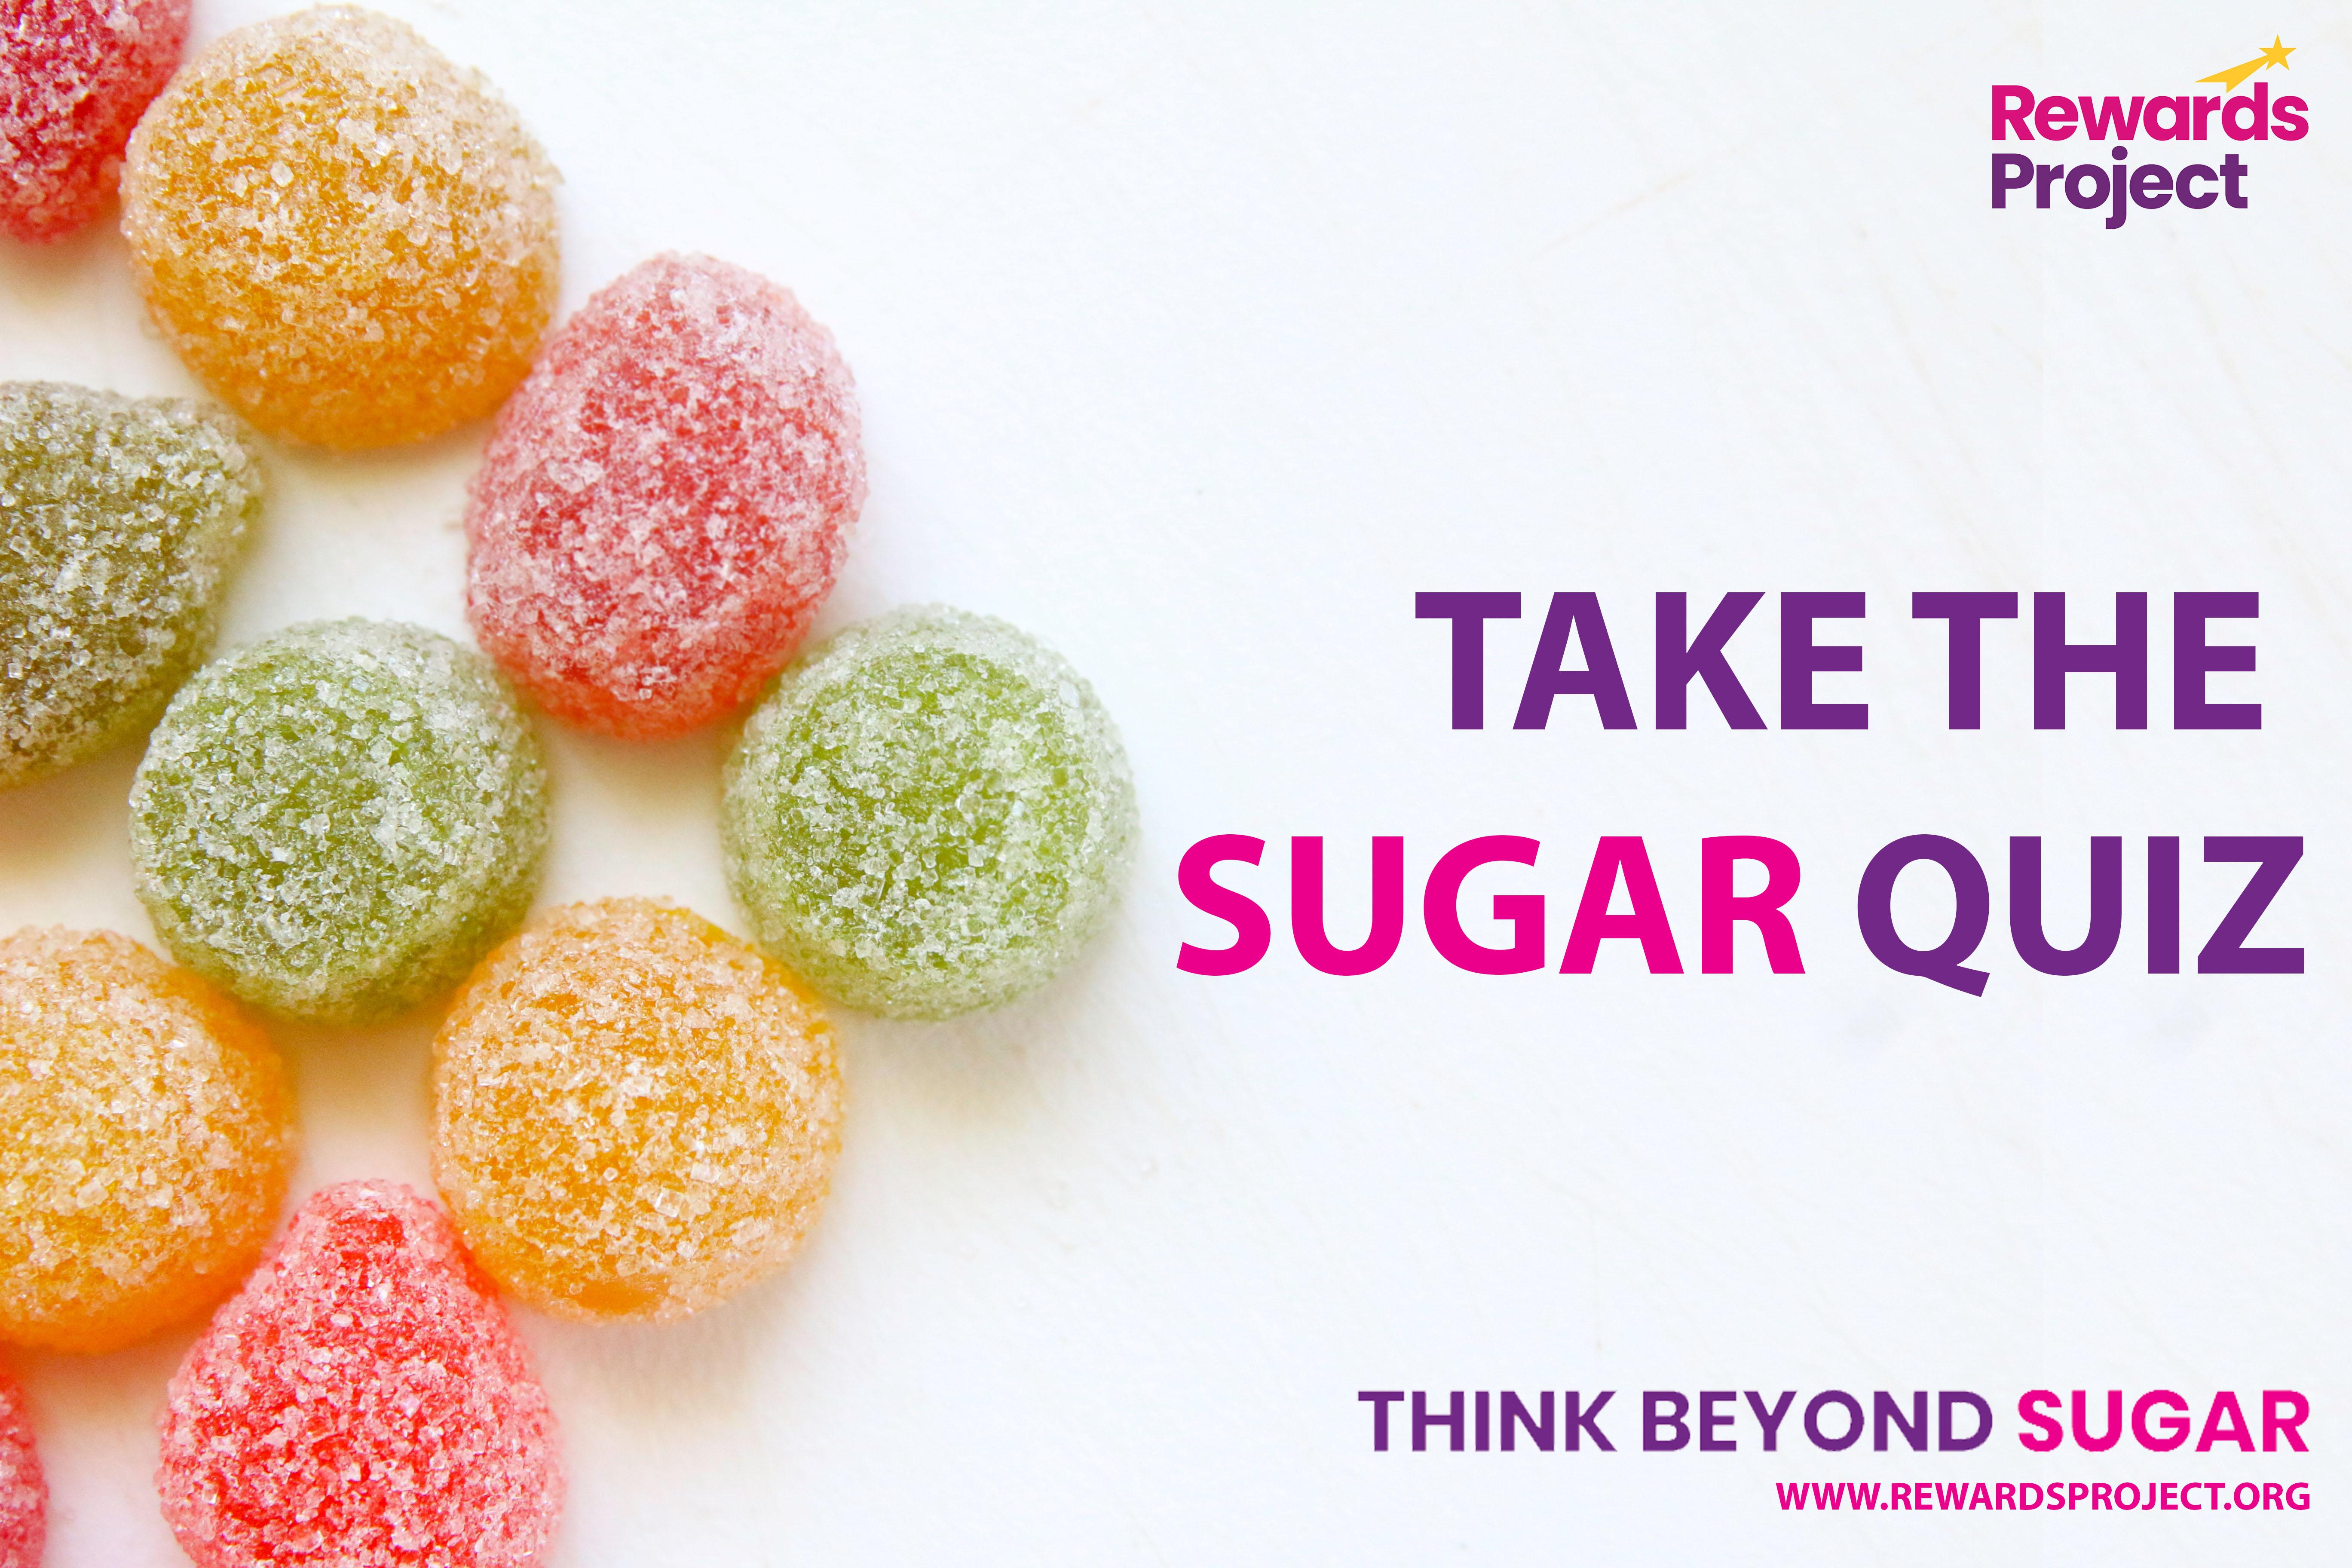 Sugar Quiz Image